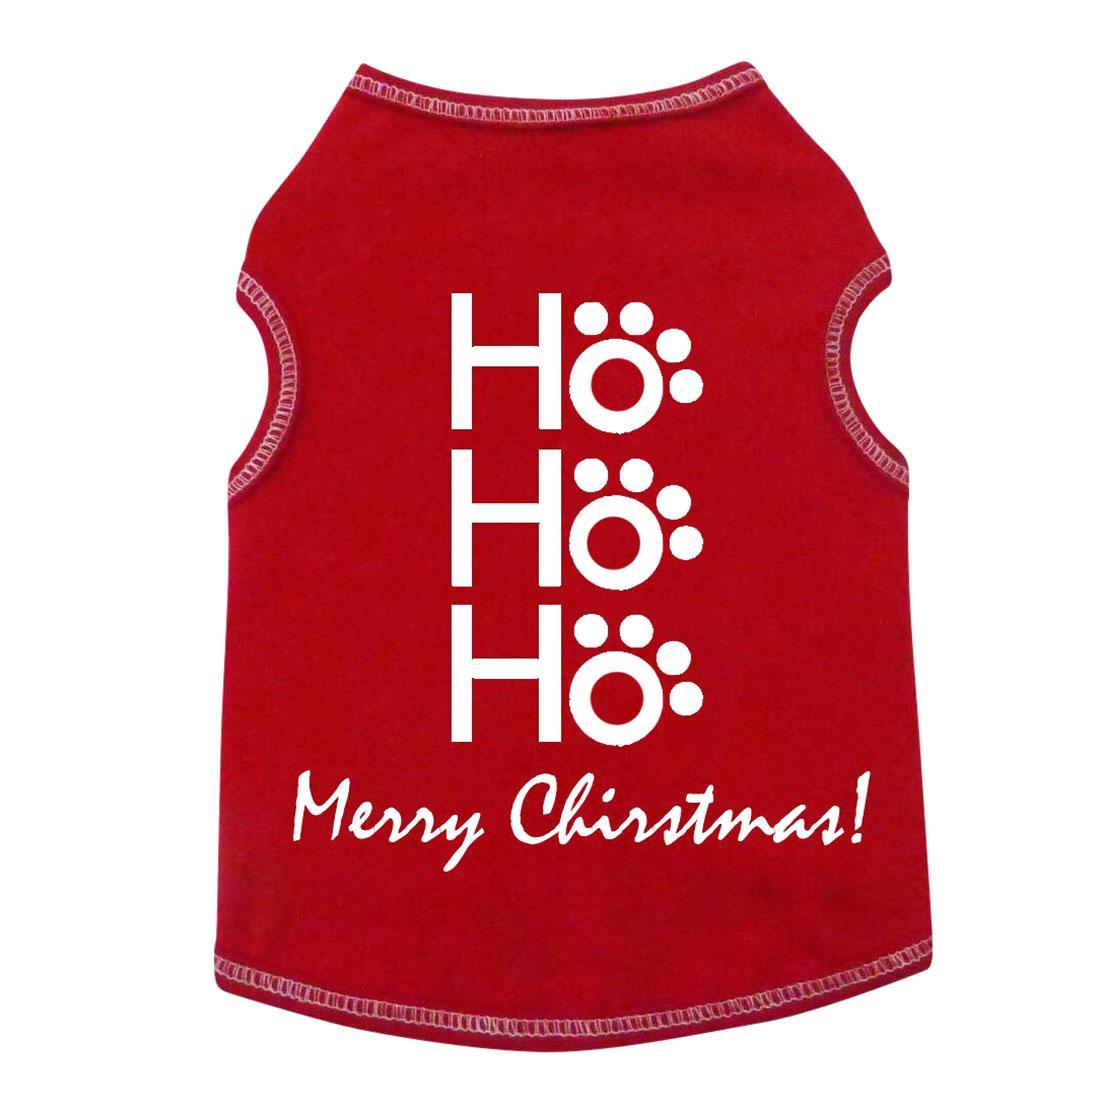 HO HO HO Merry Christmas Dog Tank - Red